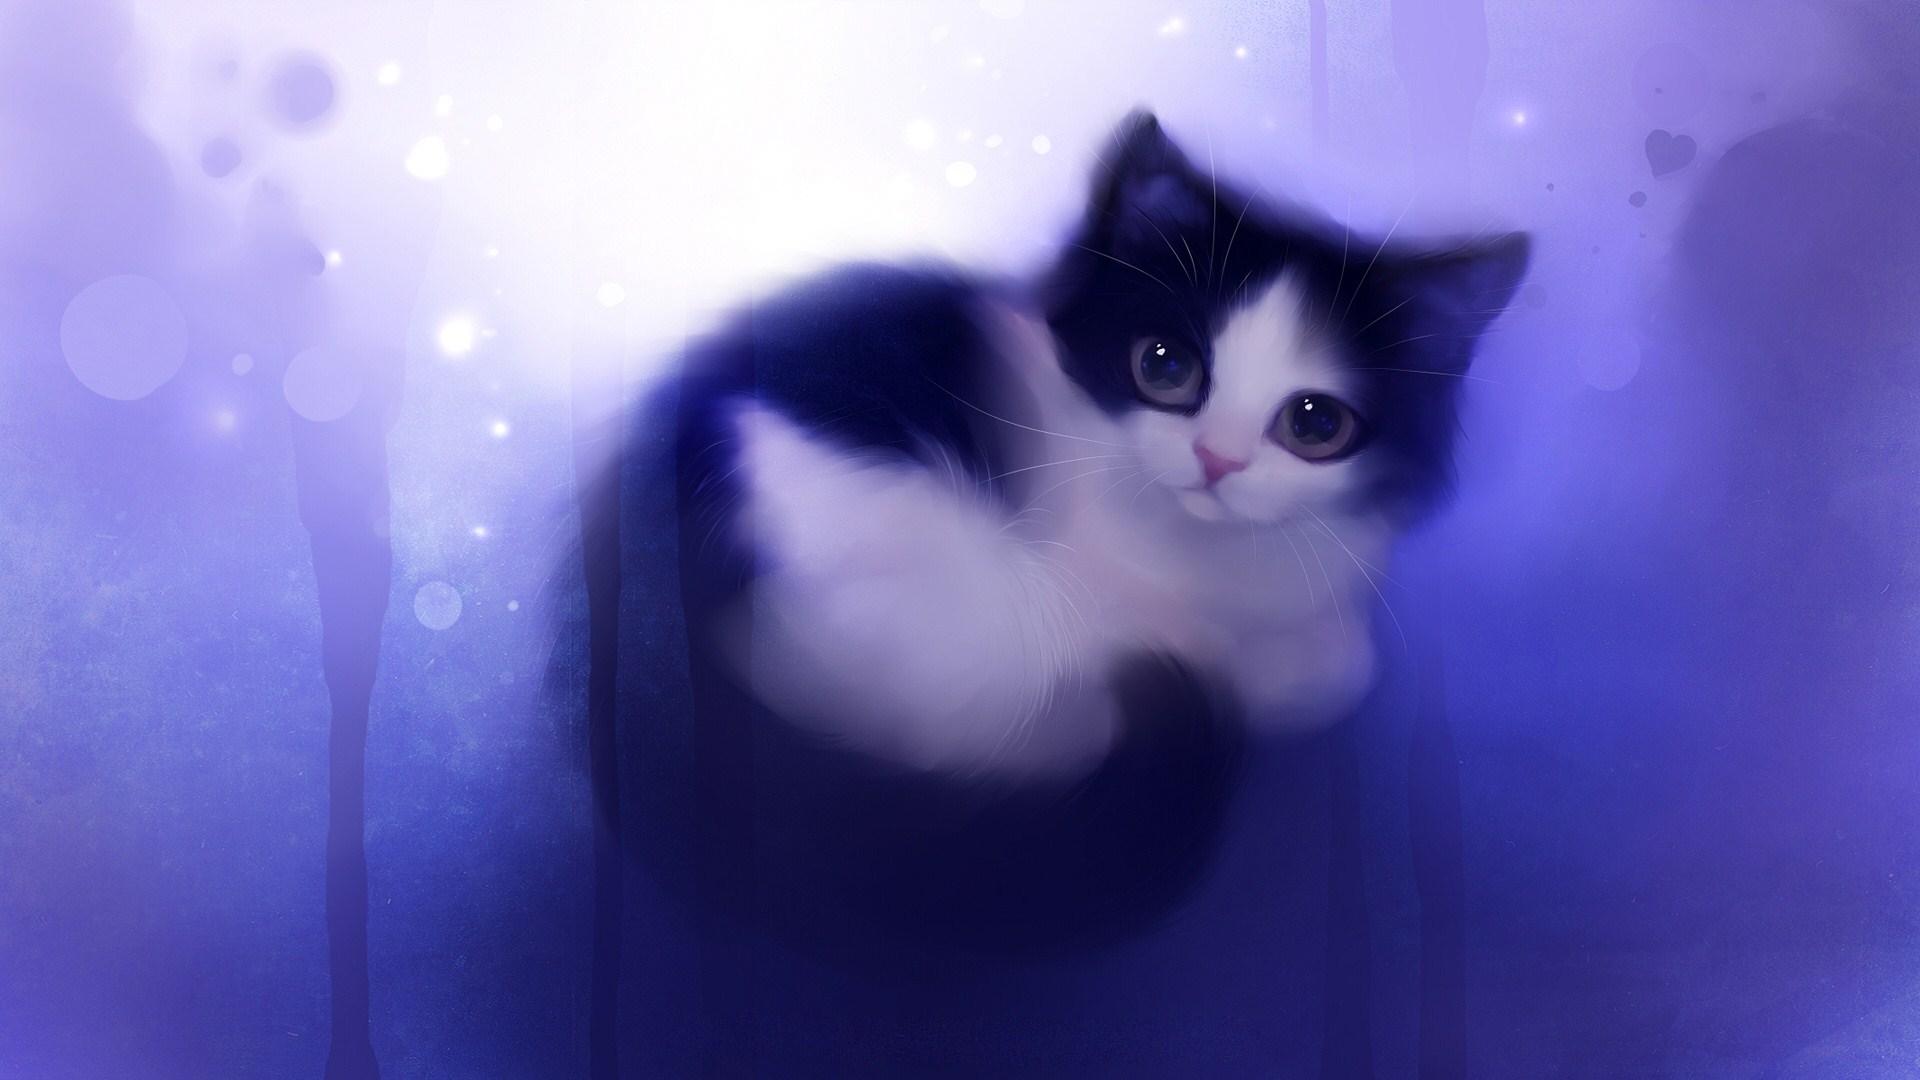 Drawn wallpaper cute anime cat Wallpaper this facebook WallpaperSafari wallpaper